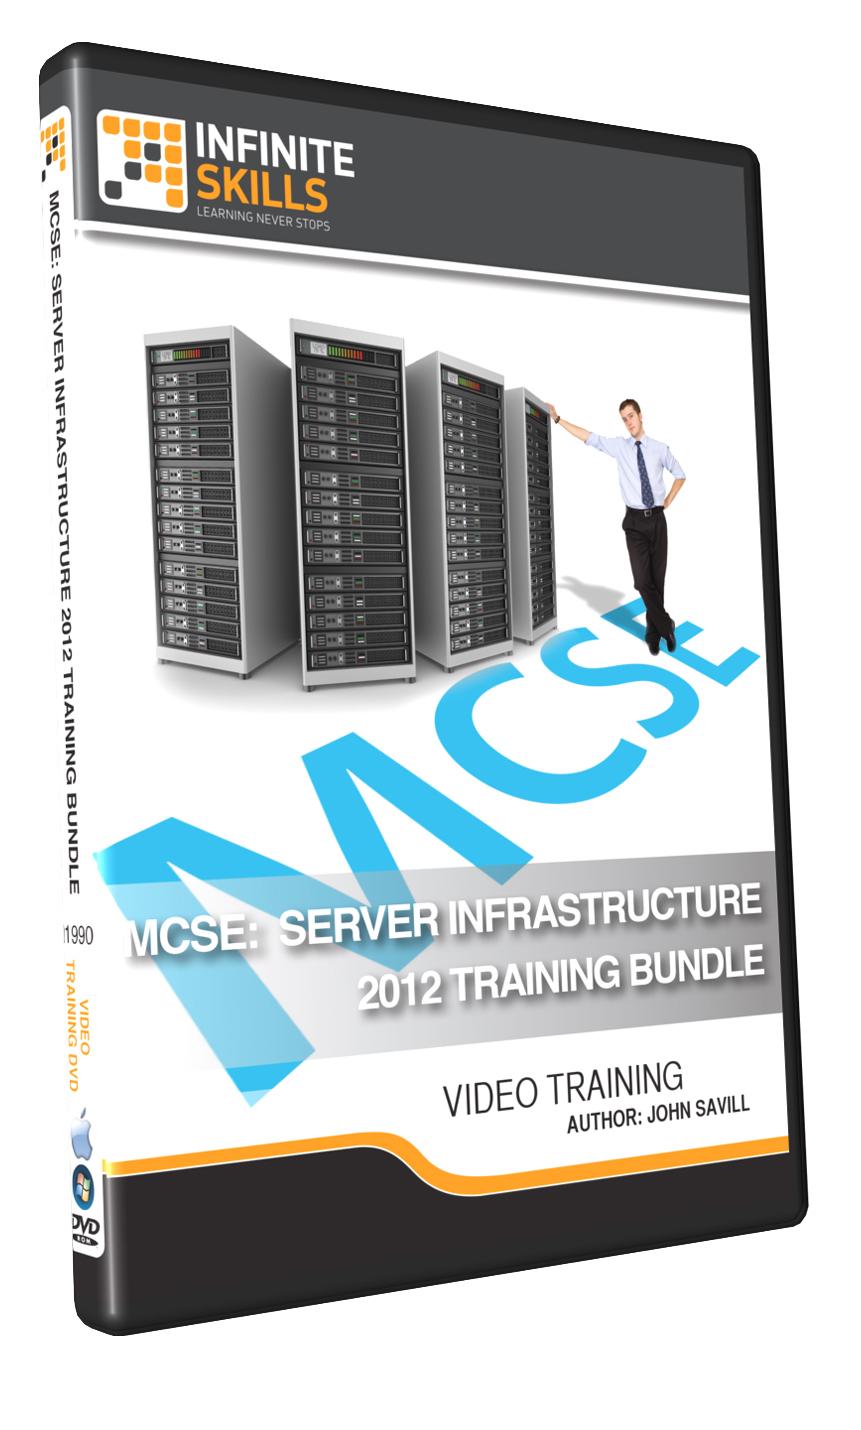 Mcse video tutorials torrent download